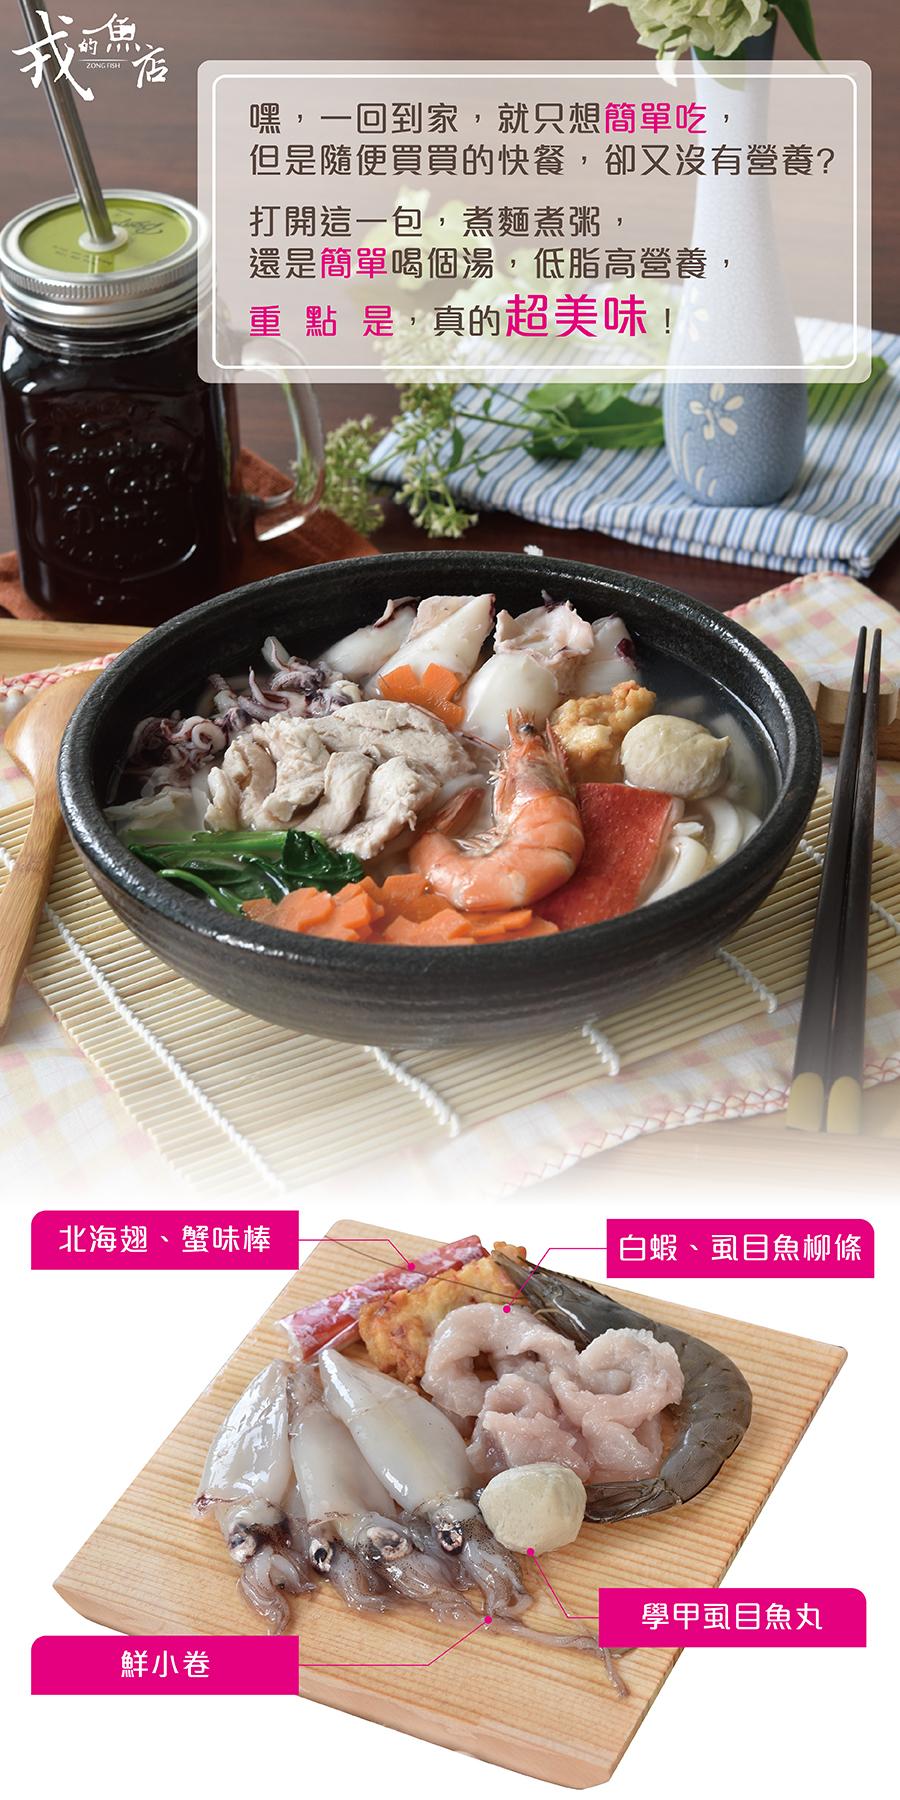 綜合海鮮包,特級白蝦,虱目魚柳條,鮮小卷,戎的魚店